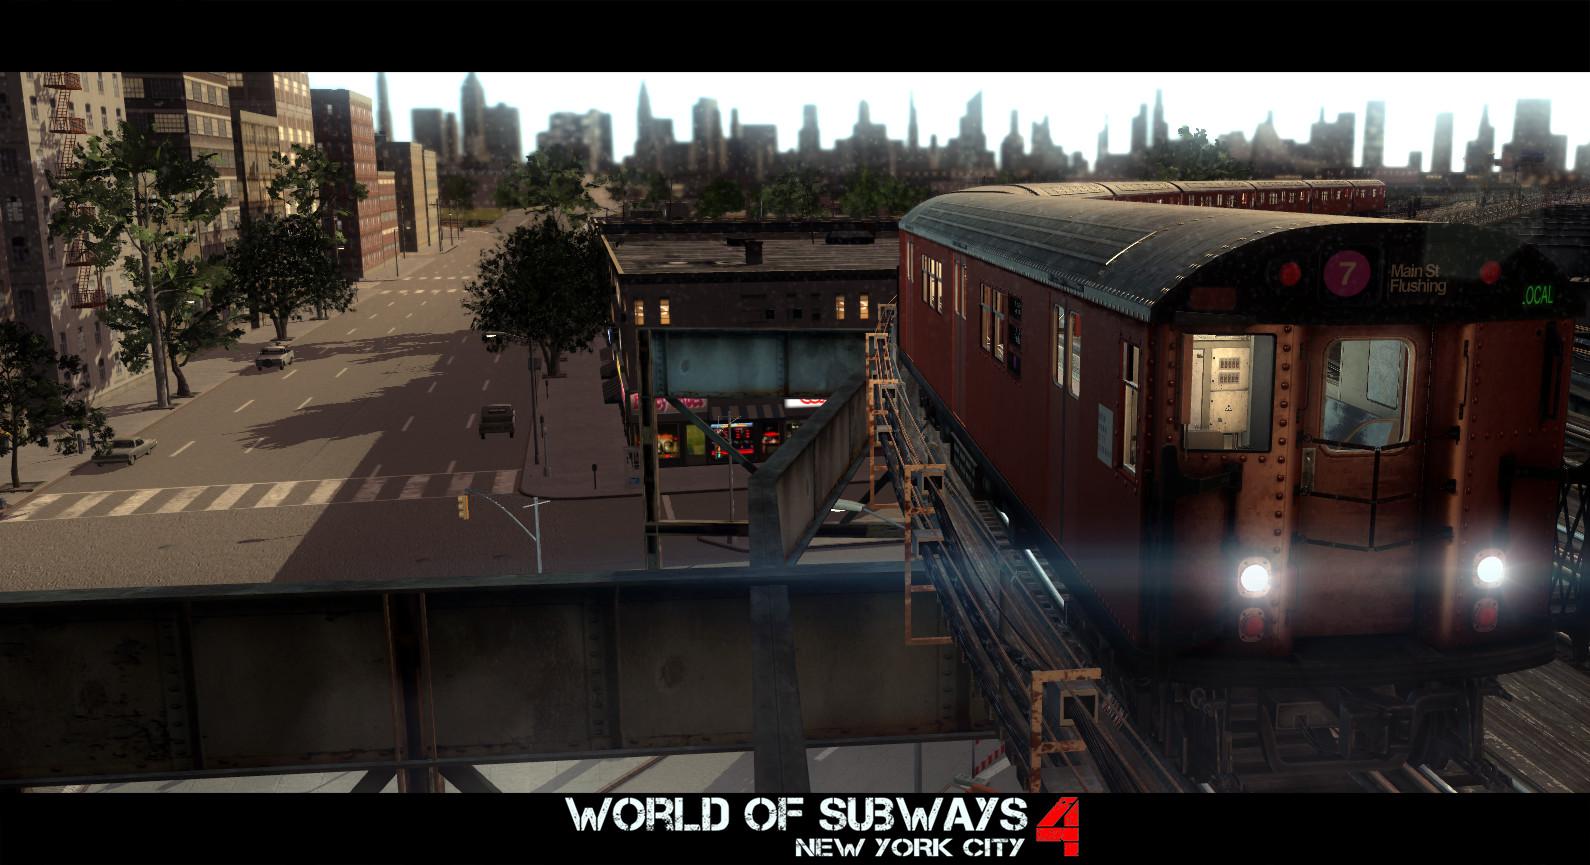 World of Subways 4